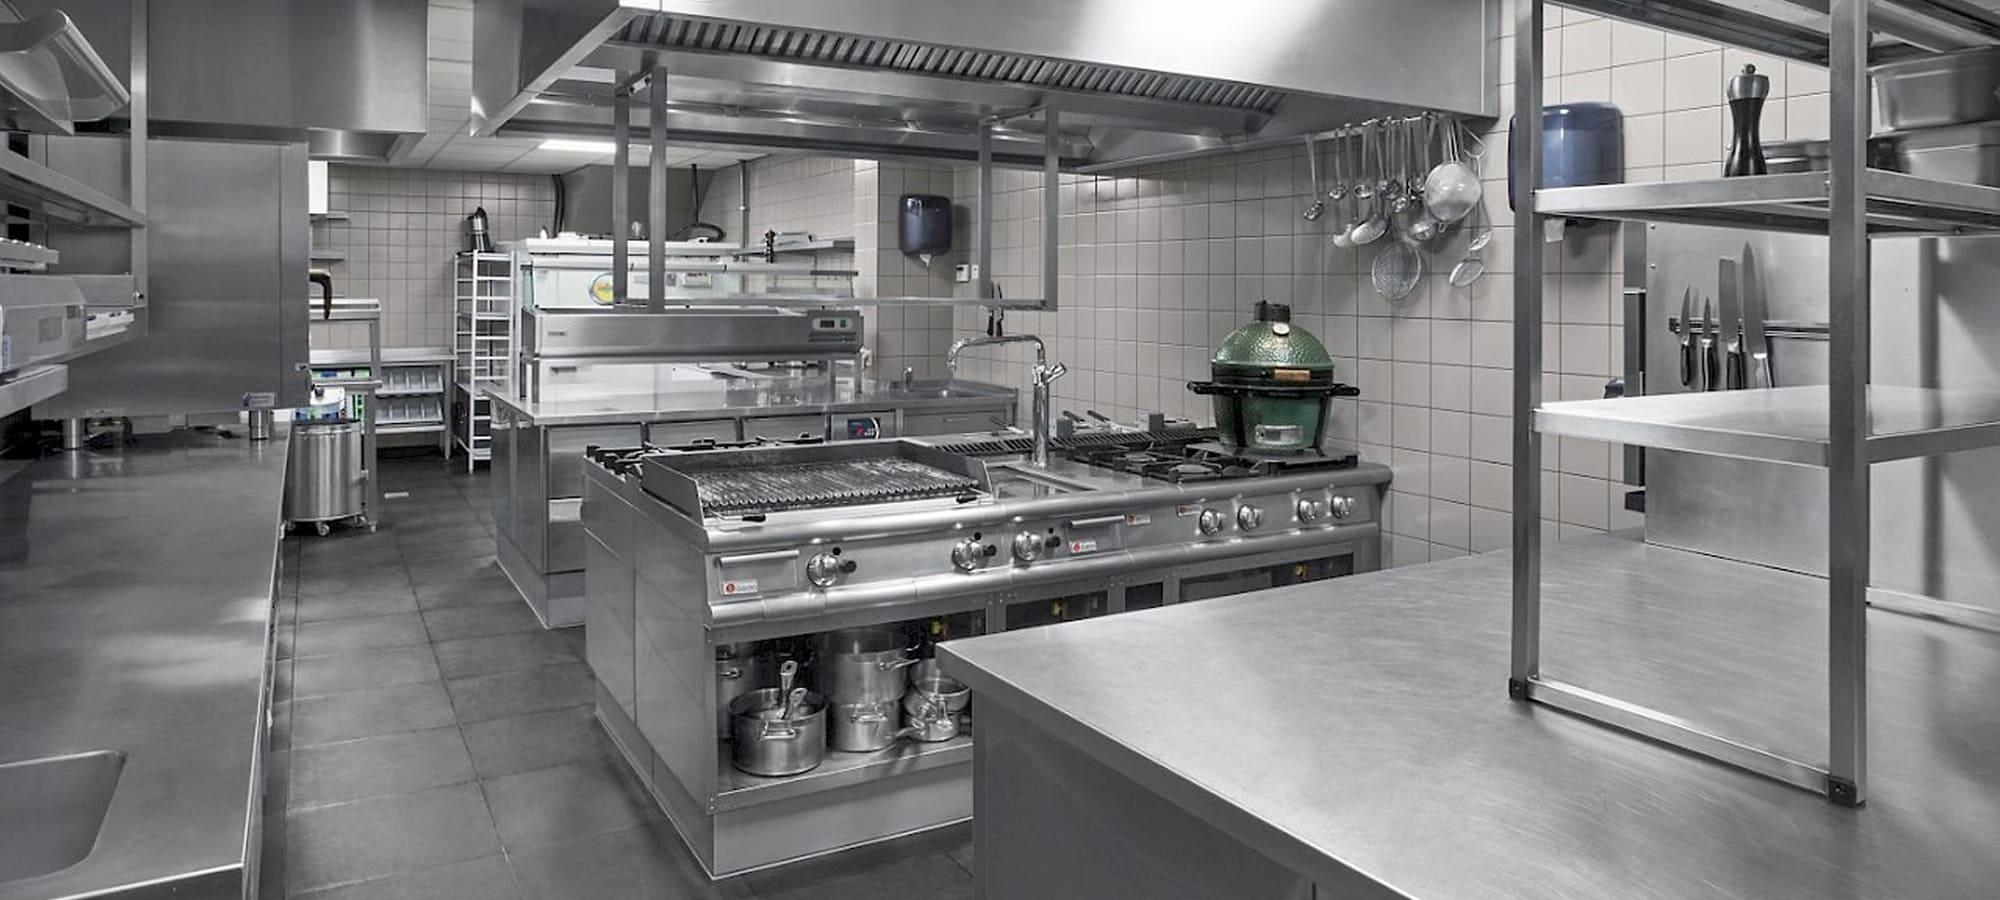 sobre las cocinas industriales